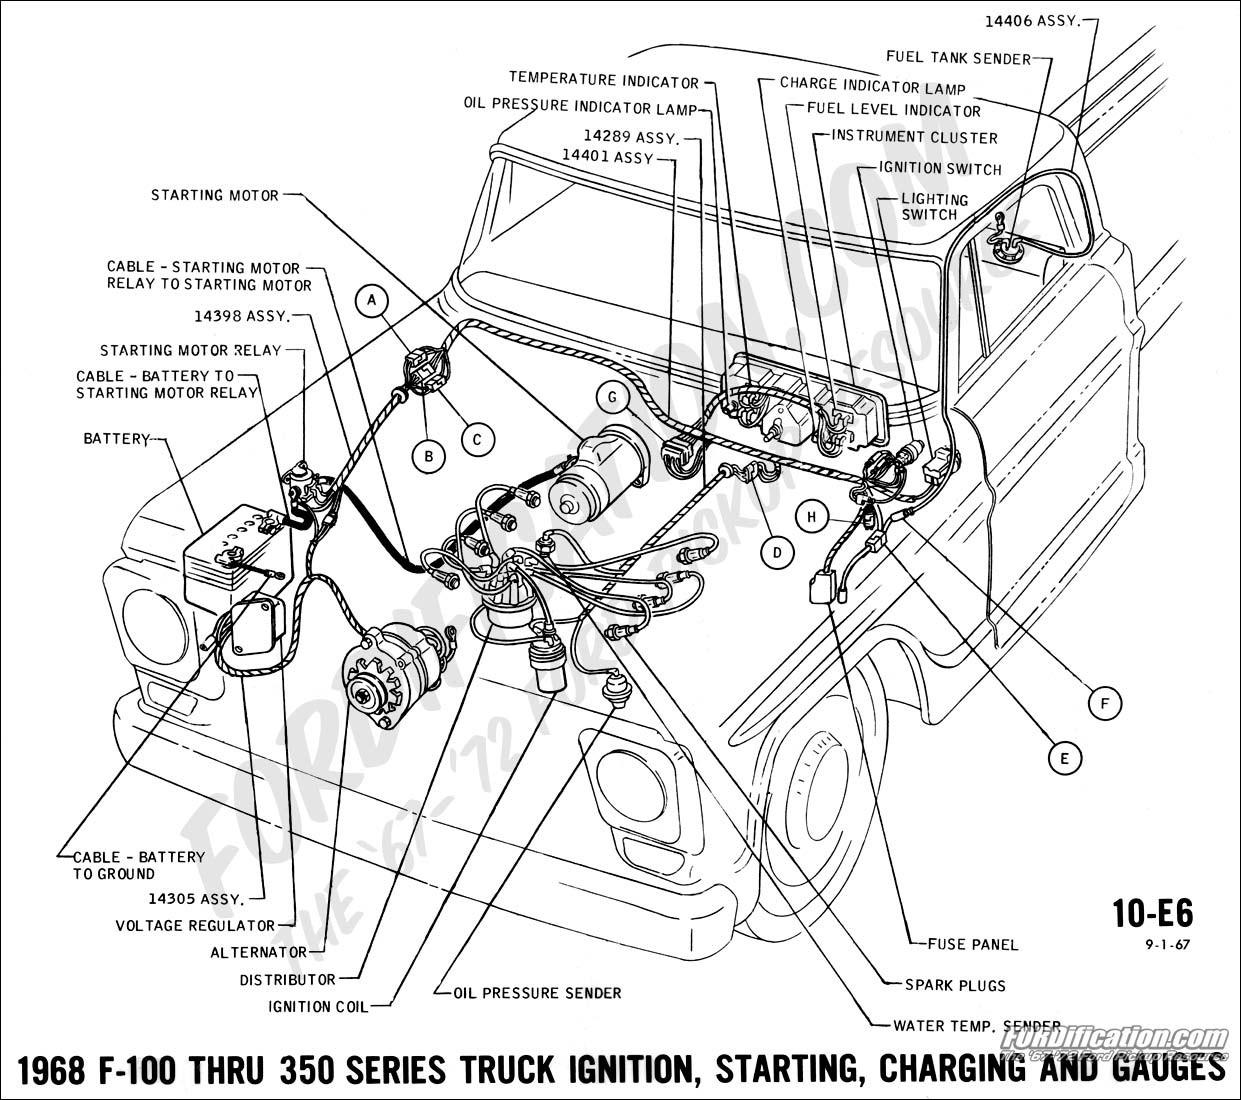 68 Chevy Pickup Wiring Diagram Wiring Diagram 2000 Bmw 740i For Wiring Diagram Schematics